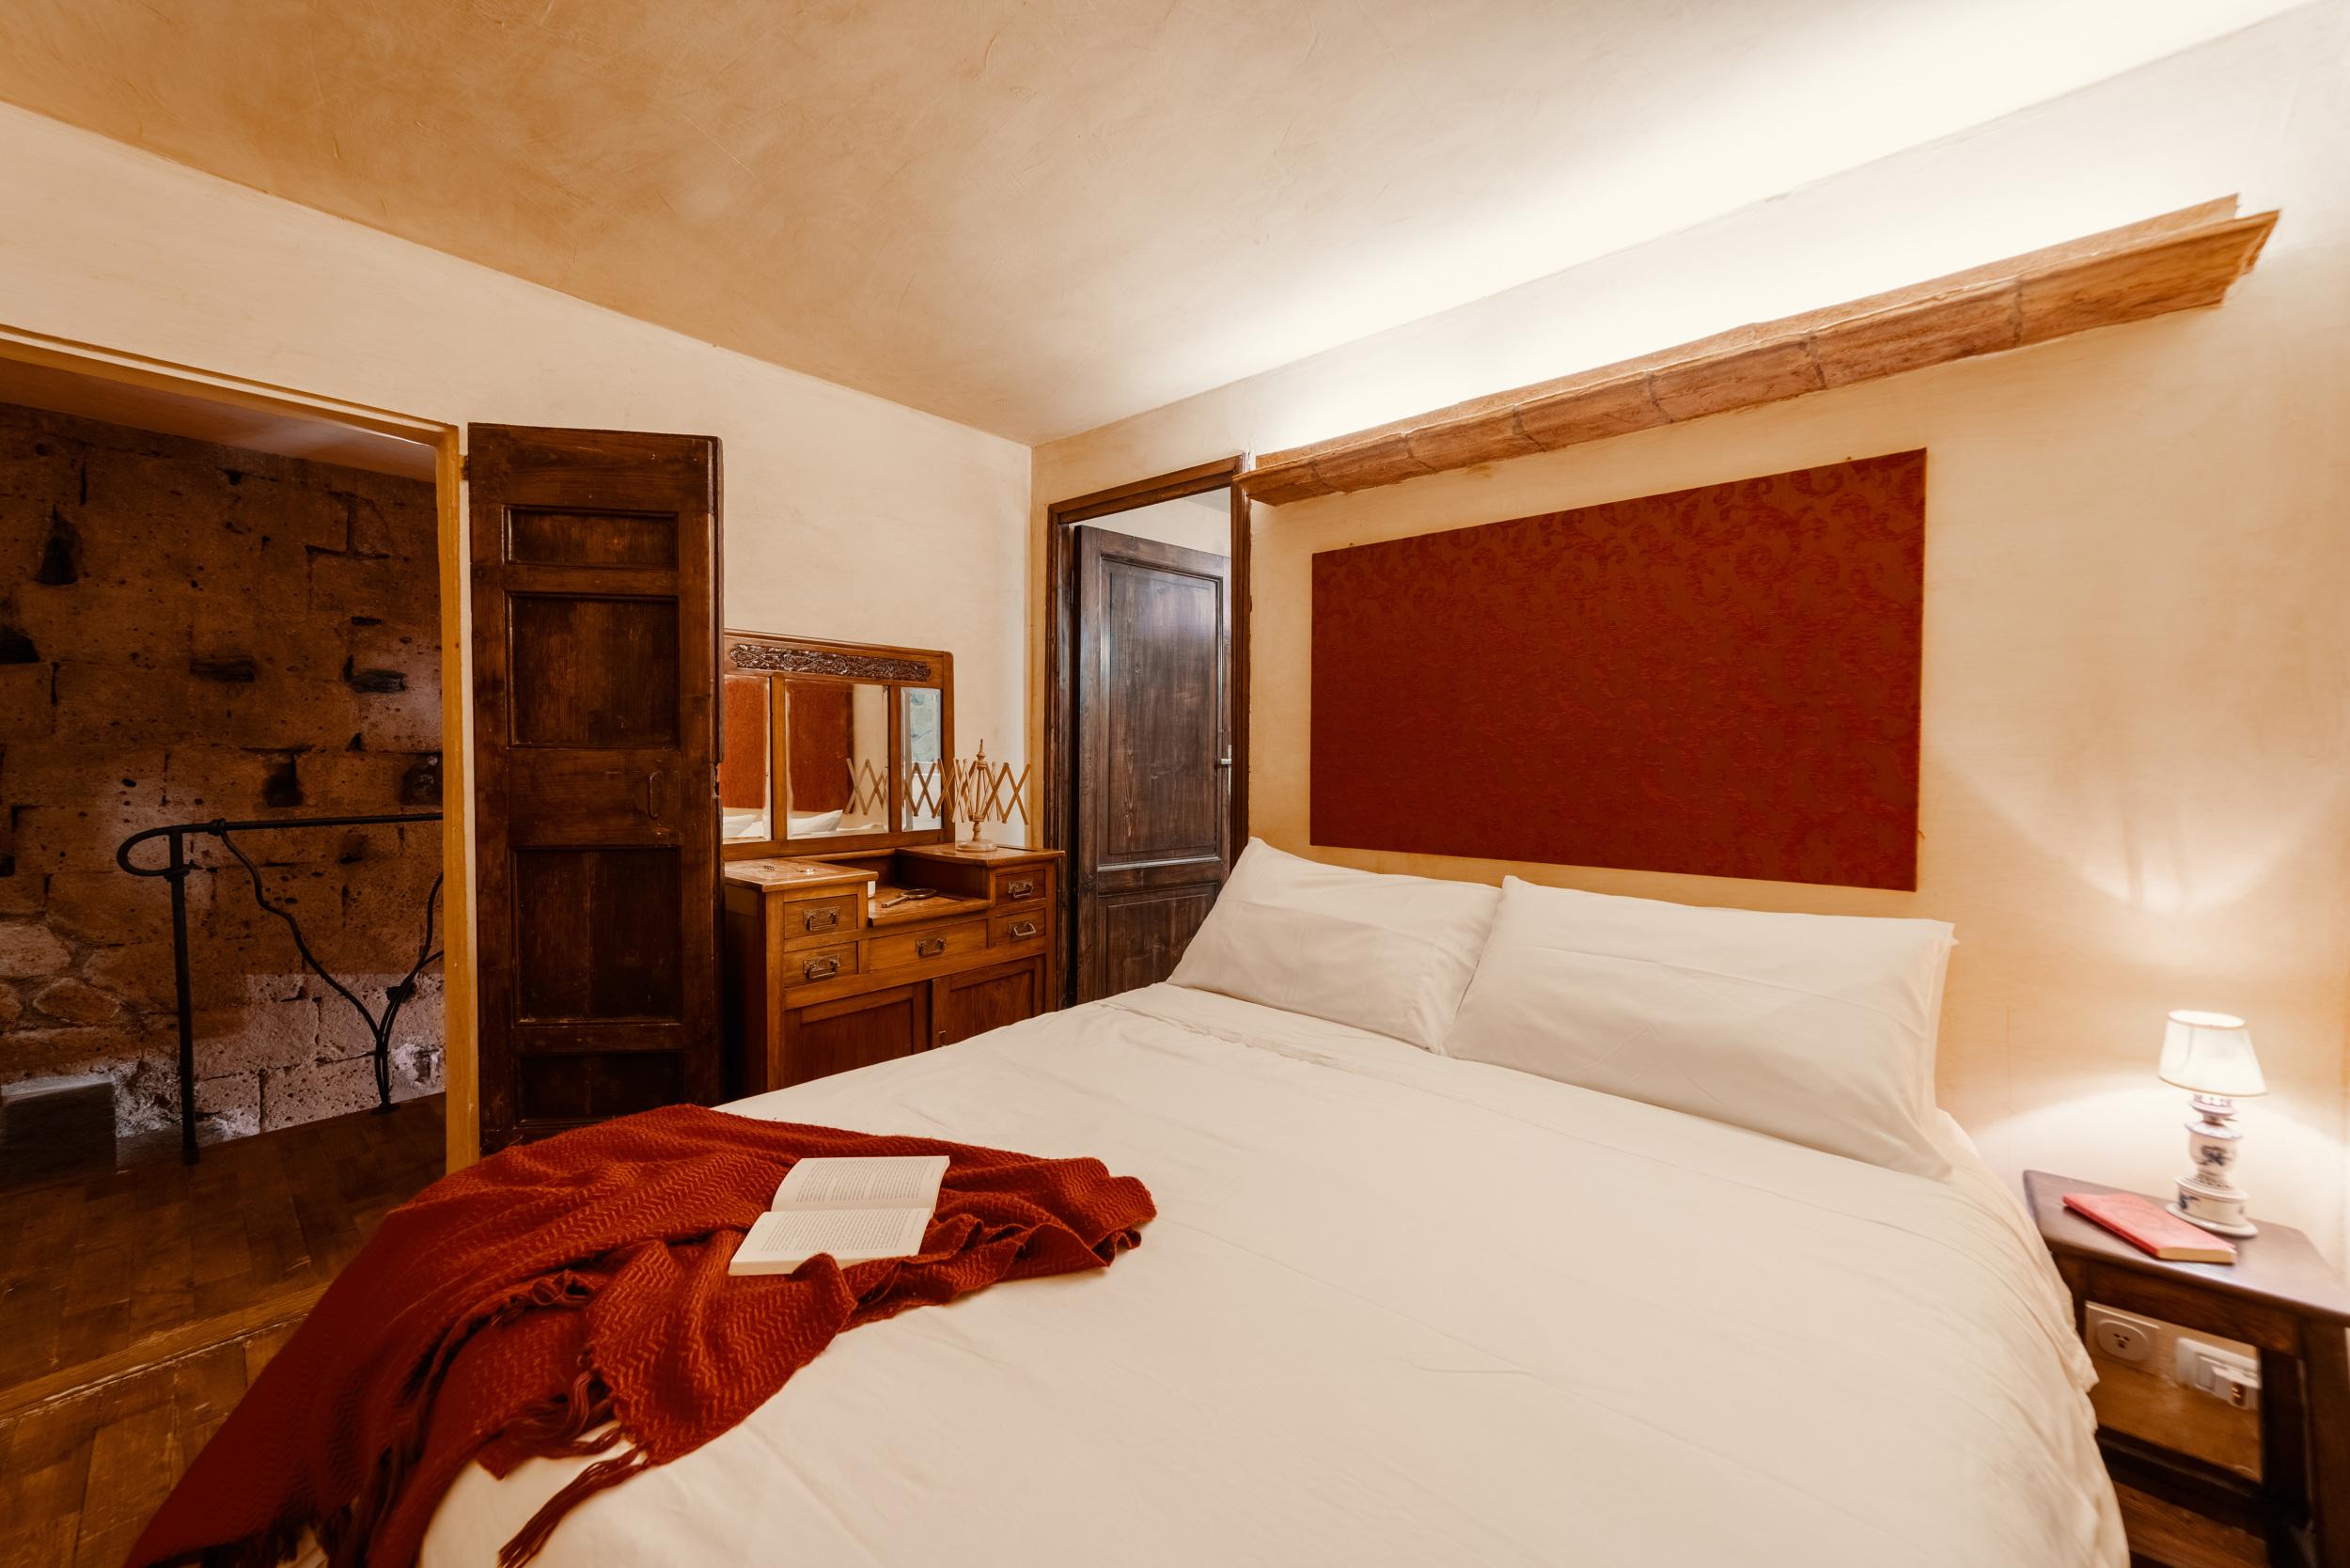 Camera da letto con bagno privato.